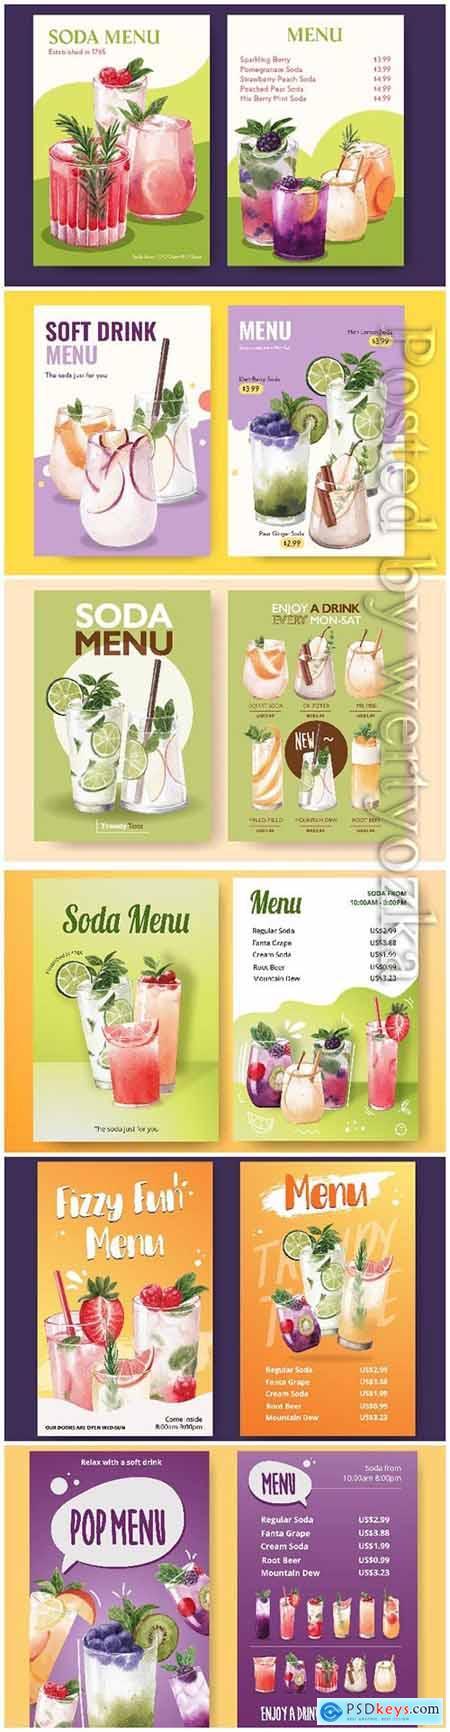 Soda drink menu watercolor illustration